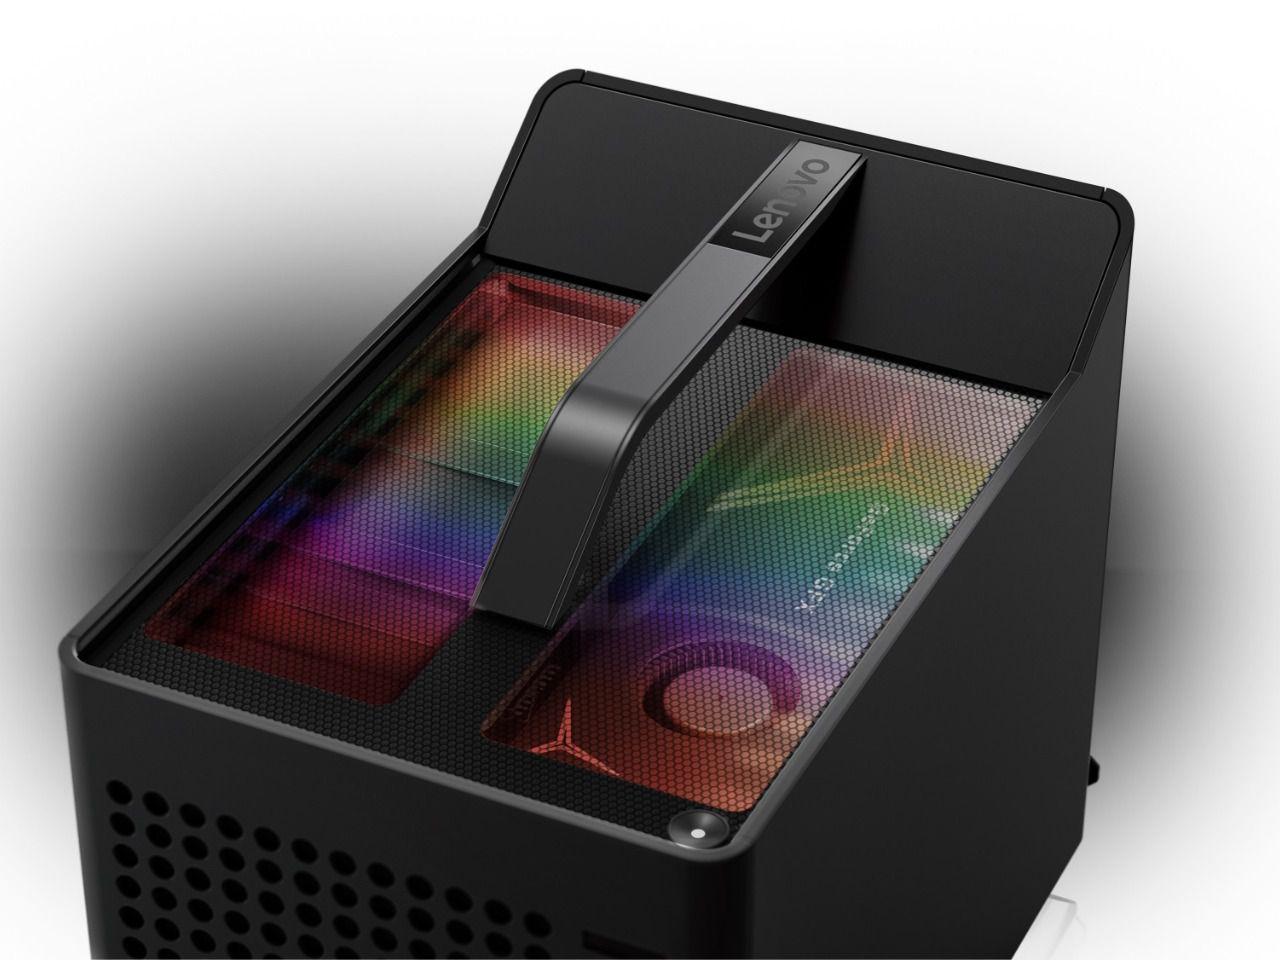 Seis nuevos ordenadores portátiles, torres y cubos de la gama Lenovo Legion | Imagenacion